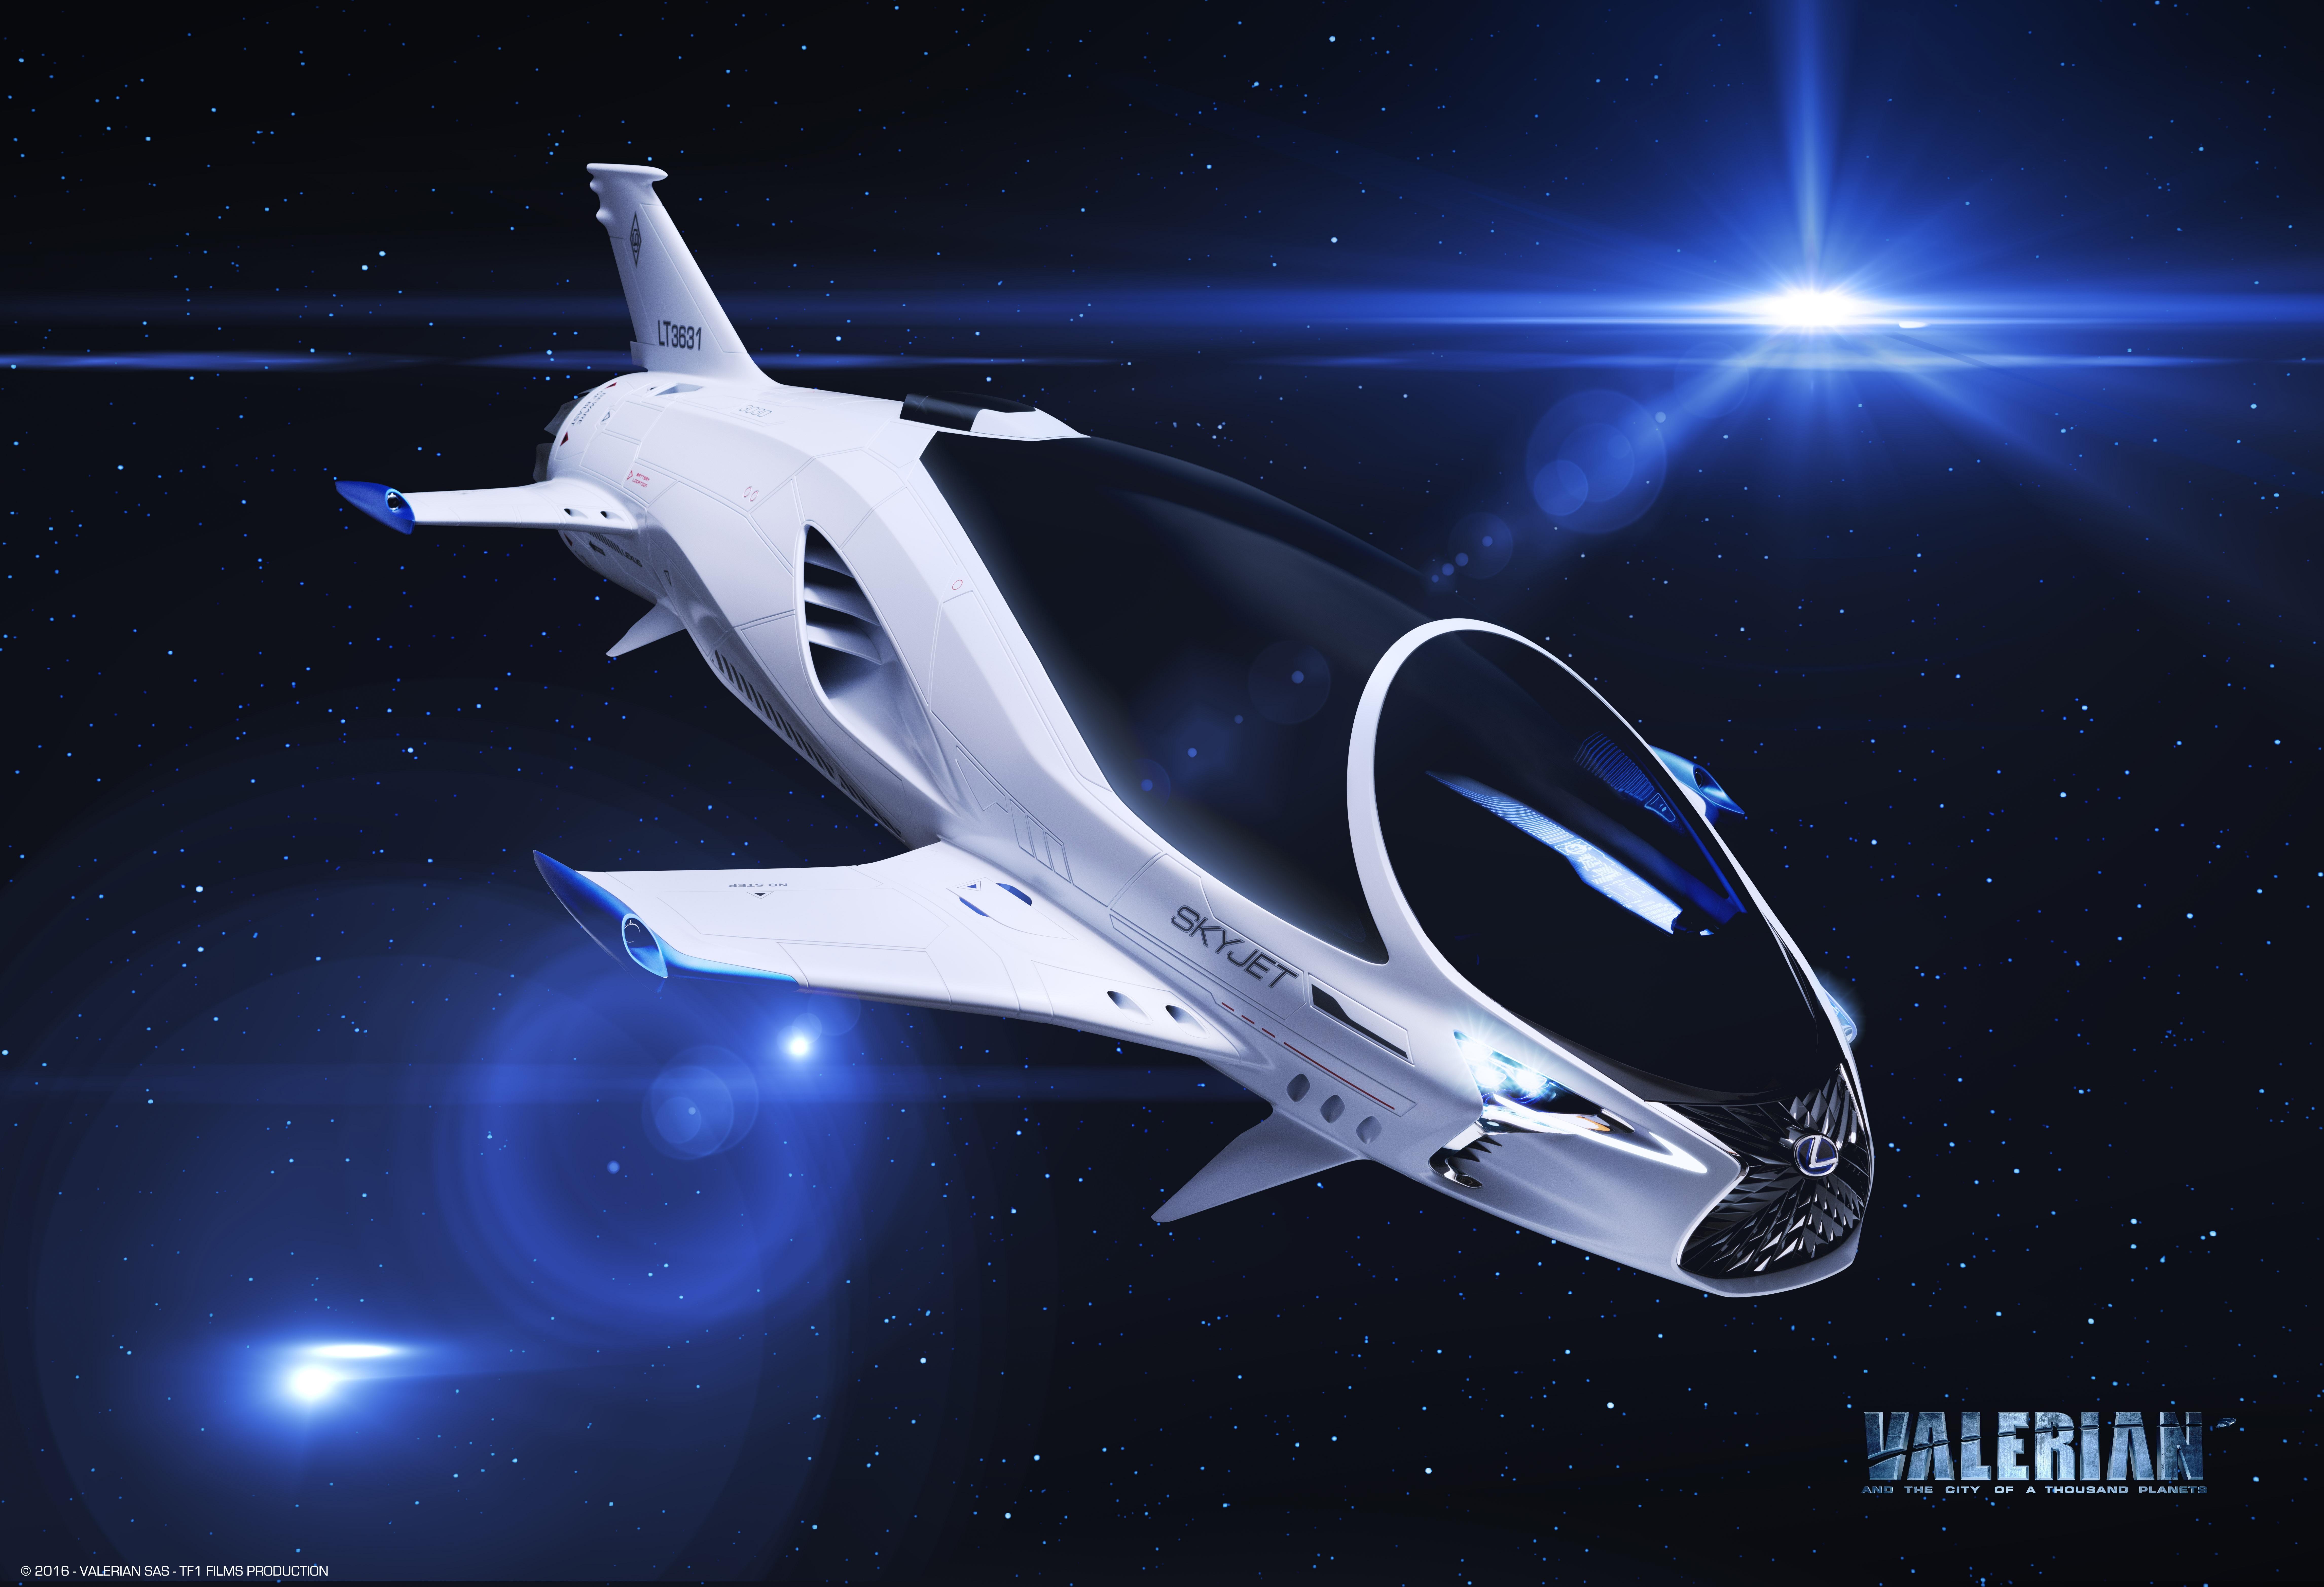 [Image: S0-lexus-dessine-le-vaisseau-spatial-de-...390545.jpg]